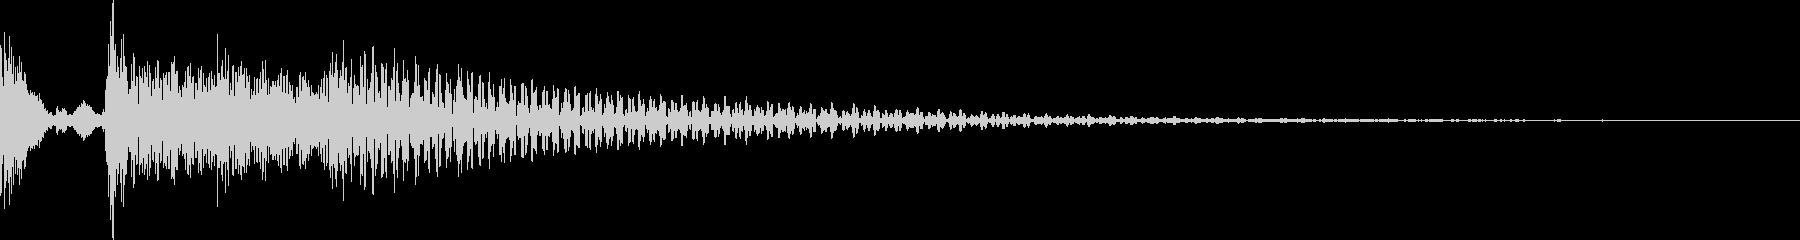 ポロロロン(スワイプ キャンセル 移動)の未再生の波形